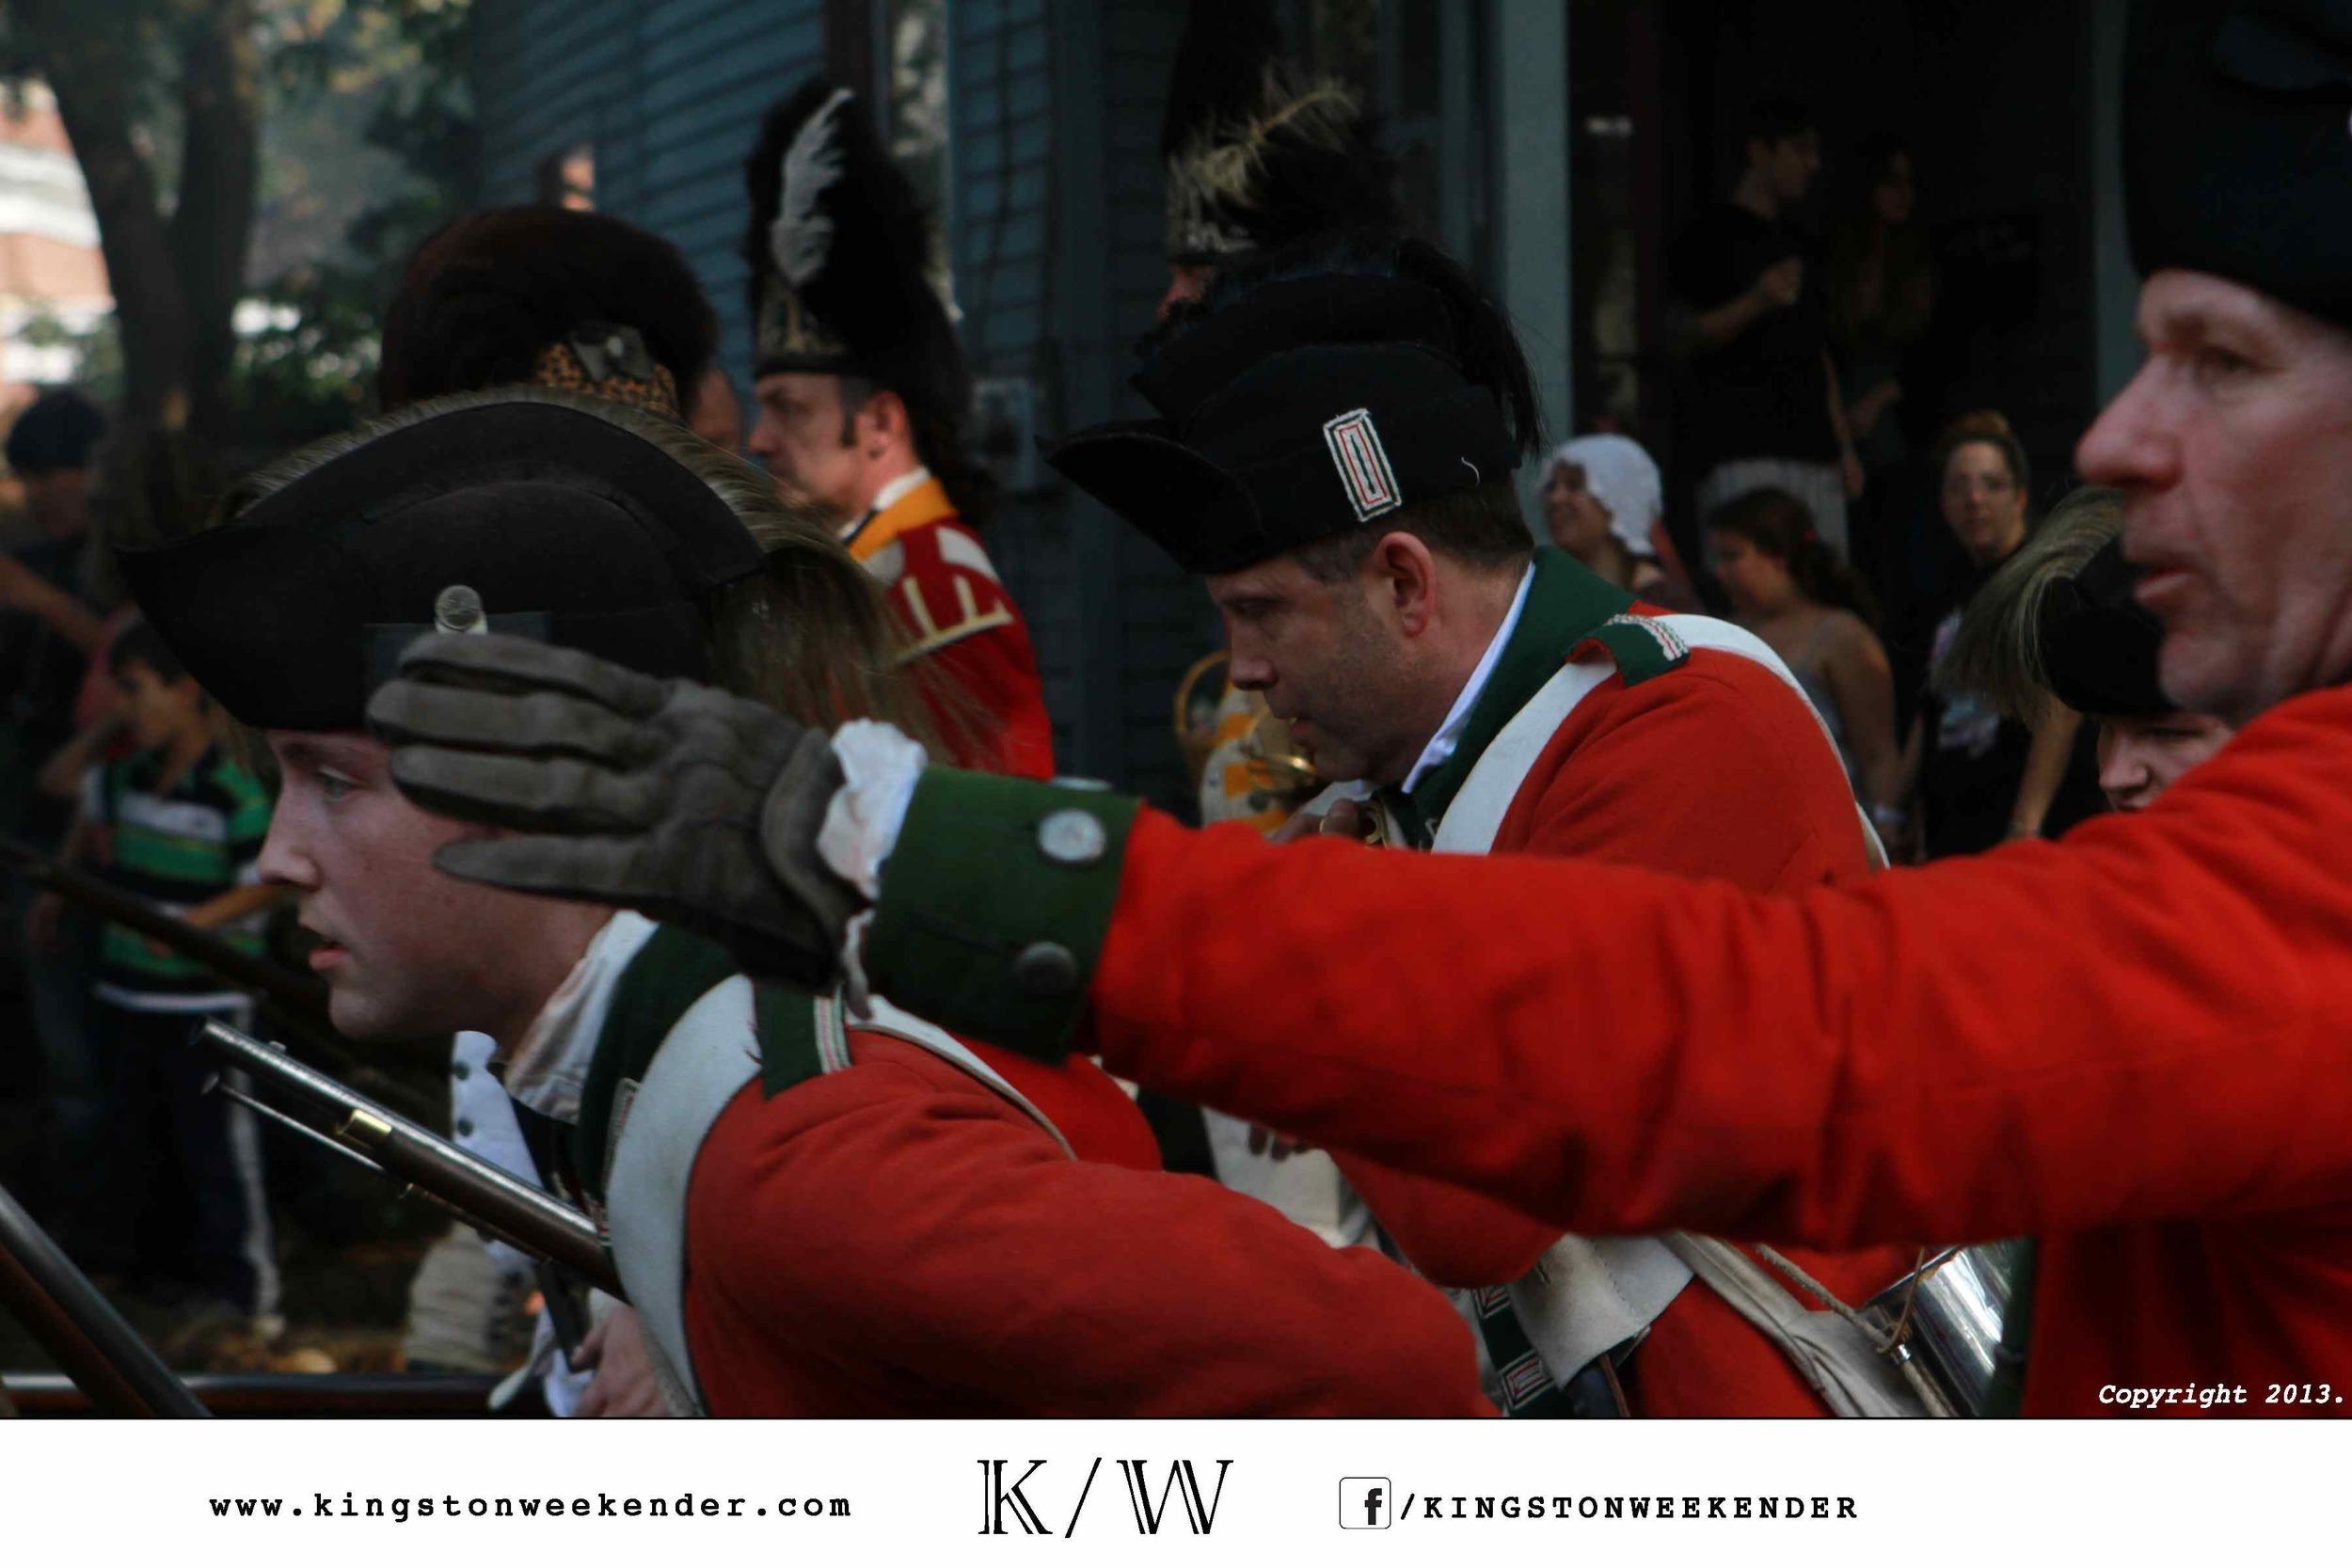 kingston-weekender-photo-credits46.jpg